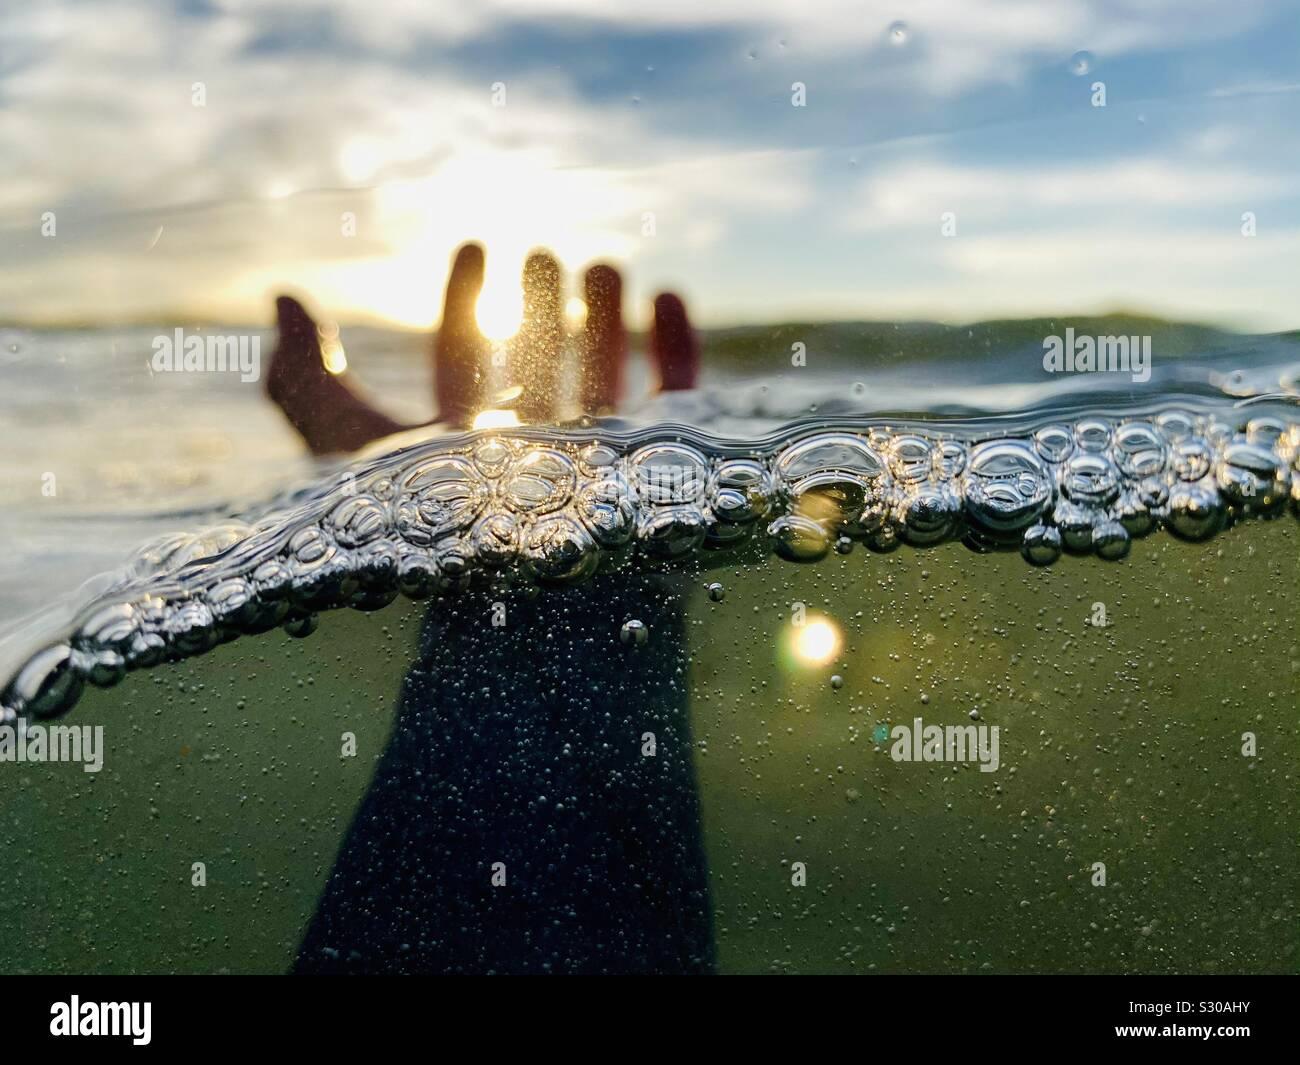 Un exceso de debajo de la foto de una mano izquierda saliendo del agua. Foto de stock